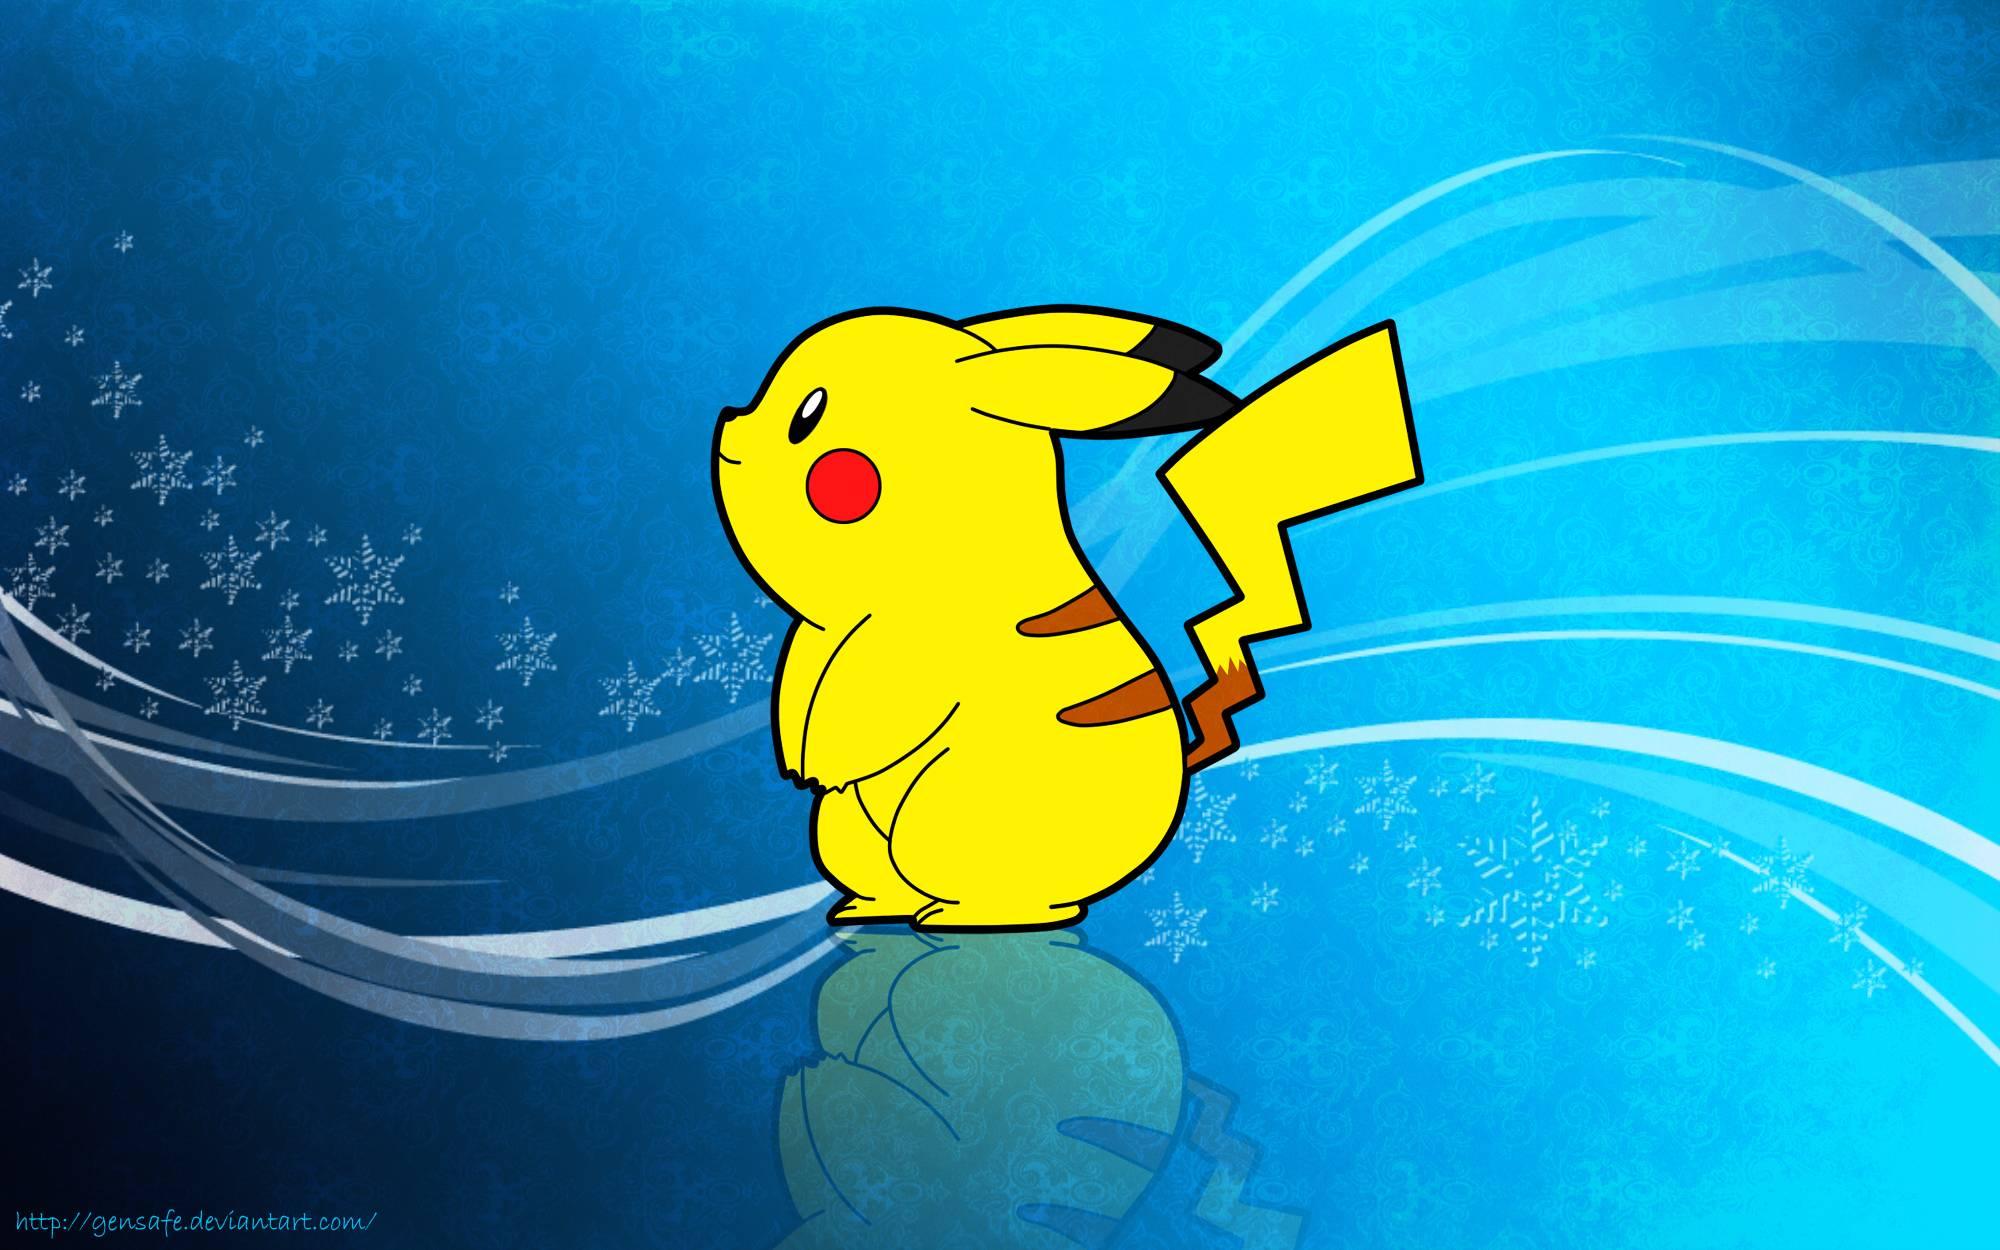 Pokemon Pikachu Wallpapers 2000x1250